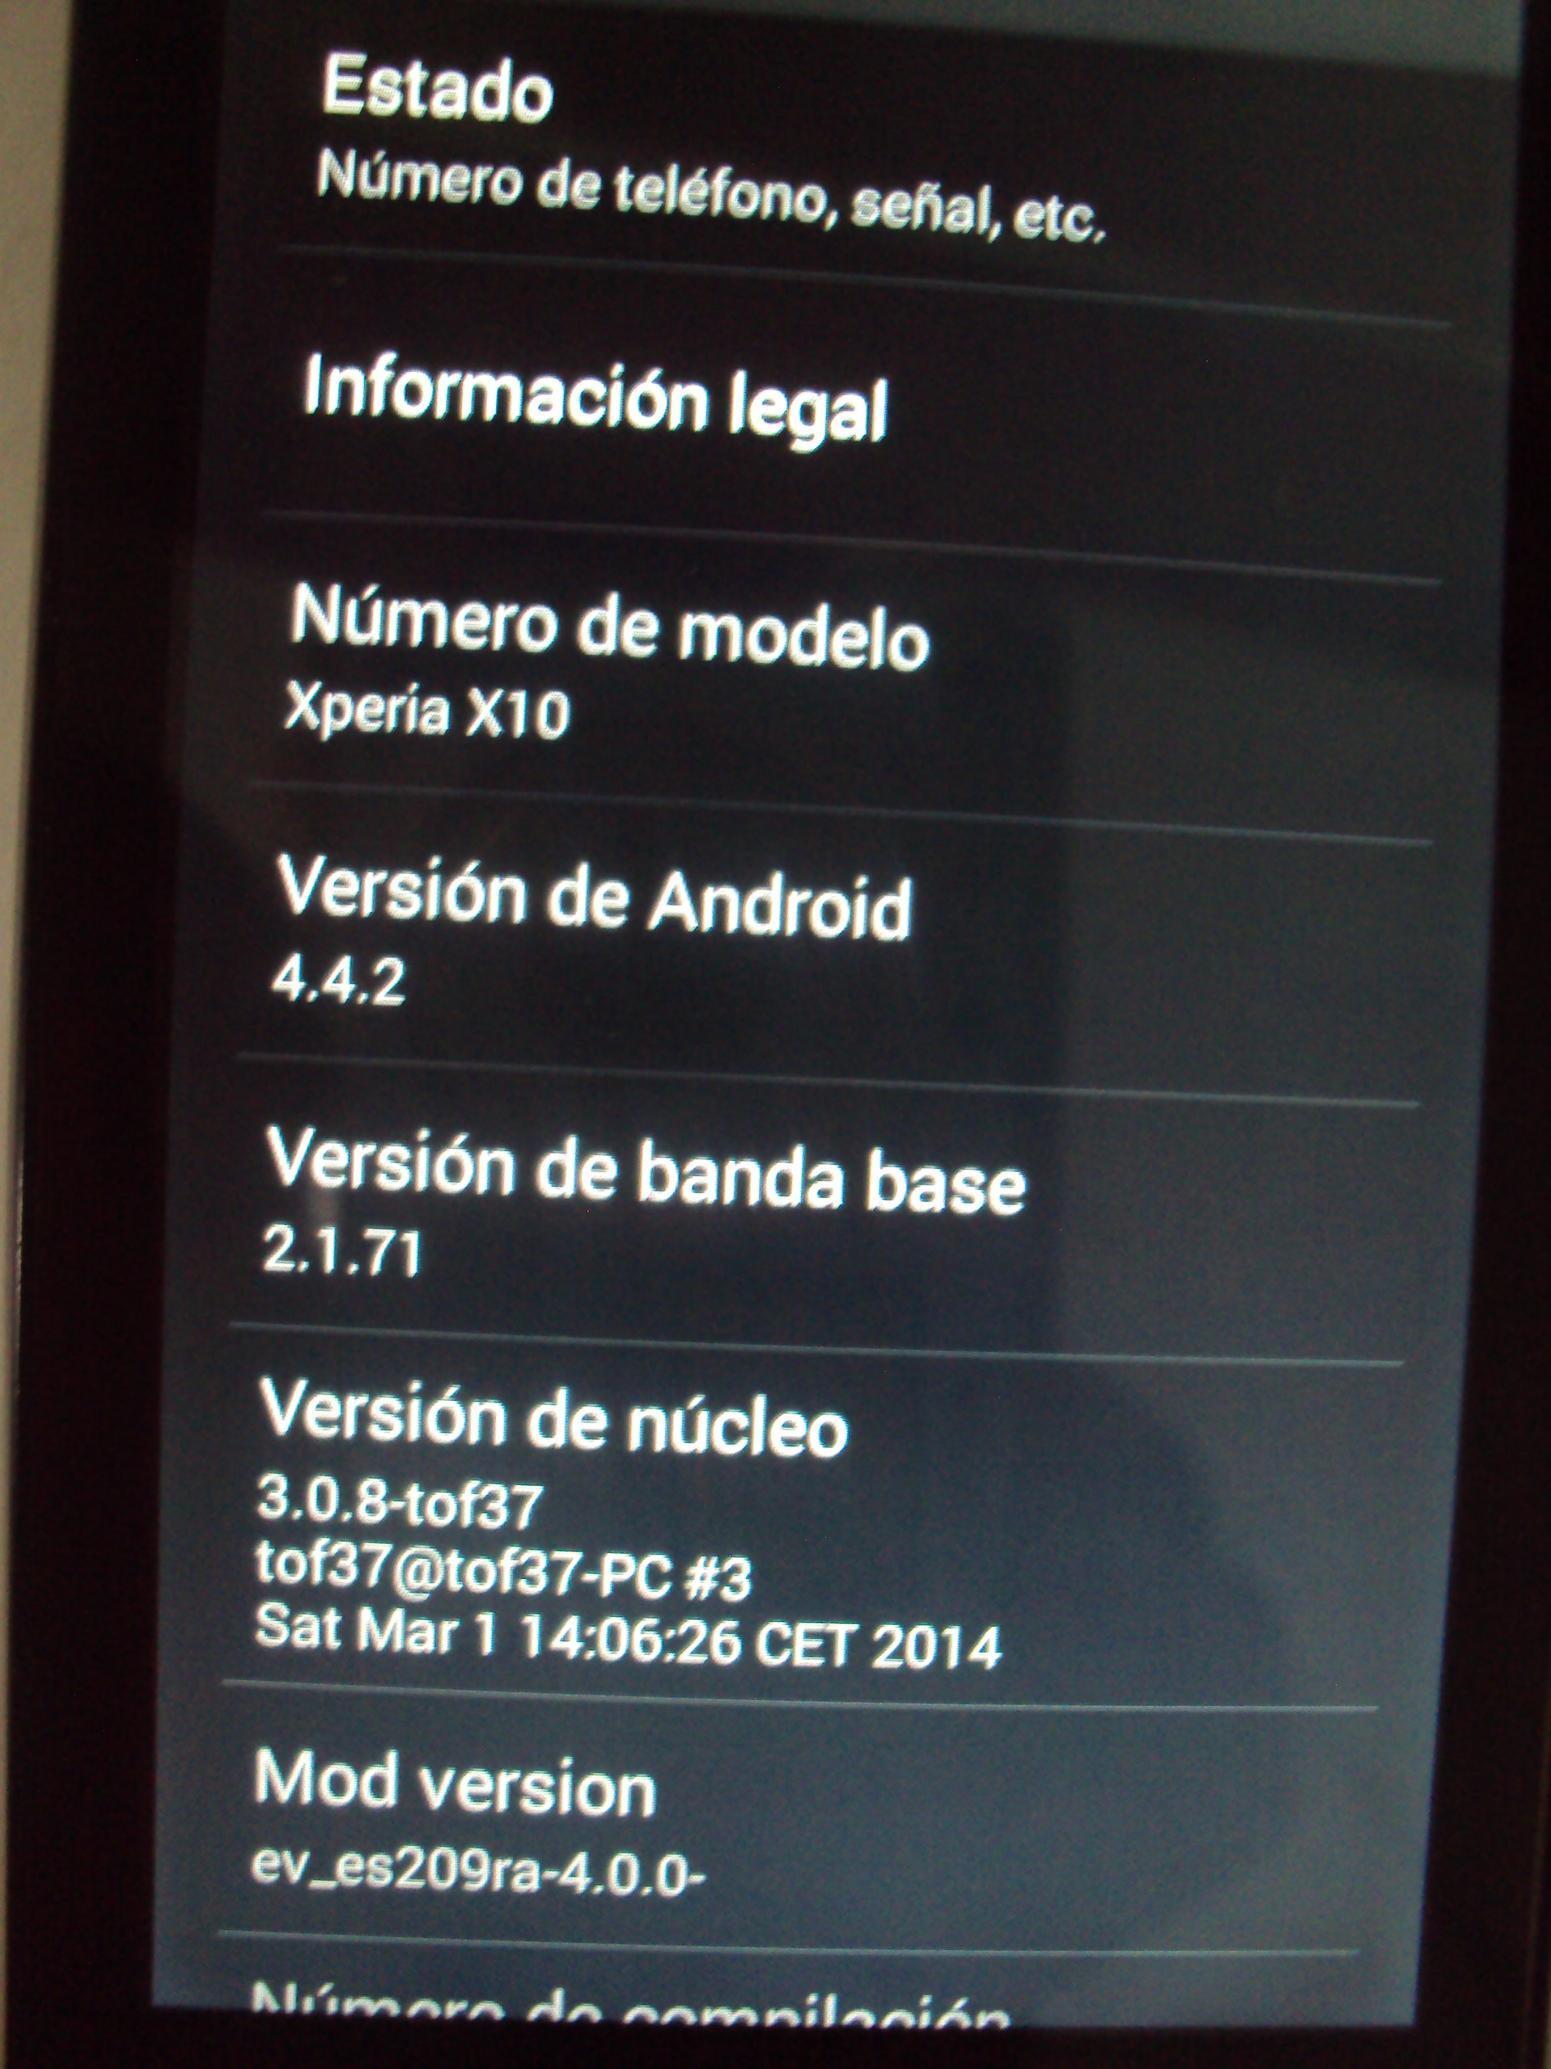 Xperia X10 KitKat 4.4.2 Kernel Details